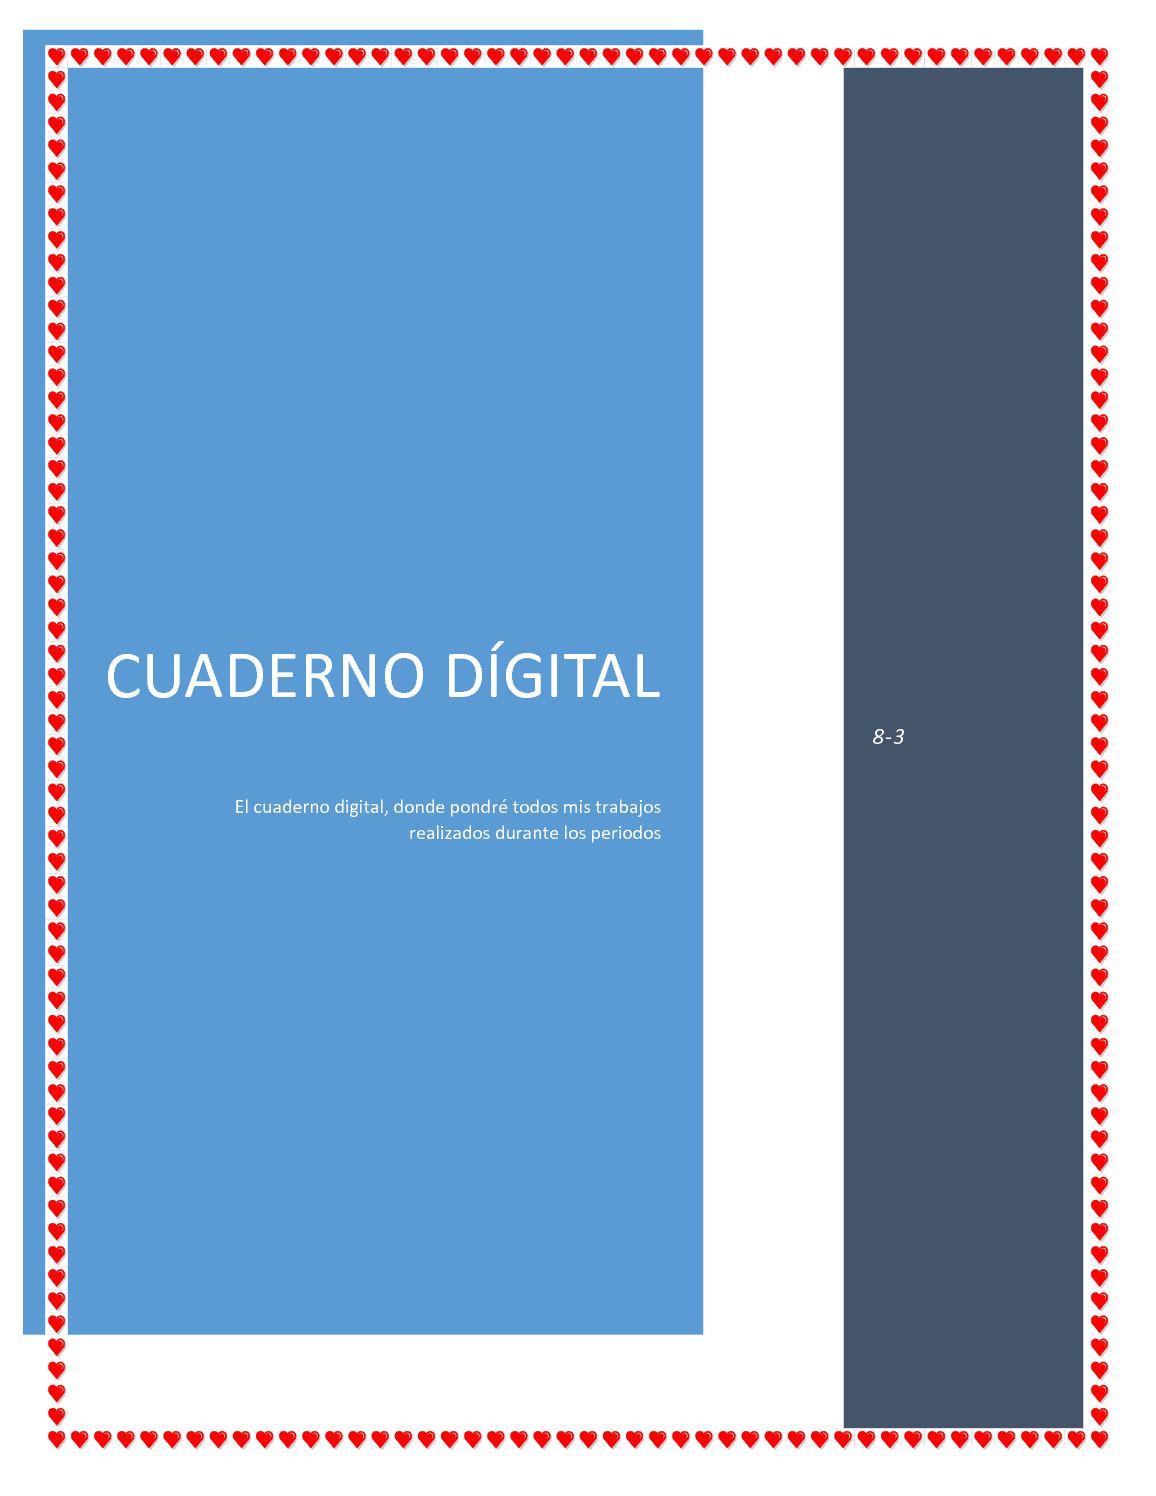 Calaméo - Cuaderno Digital